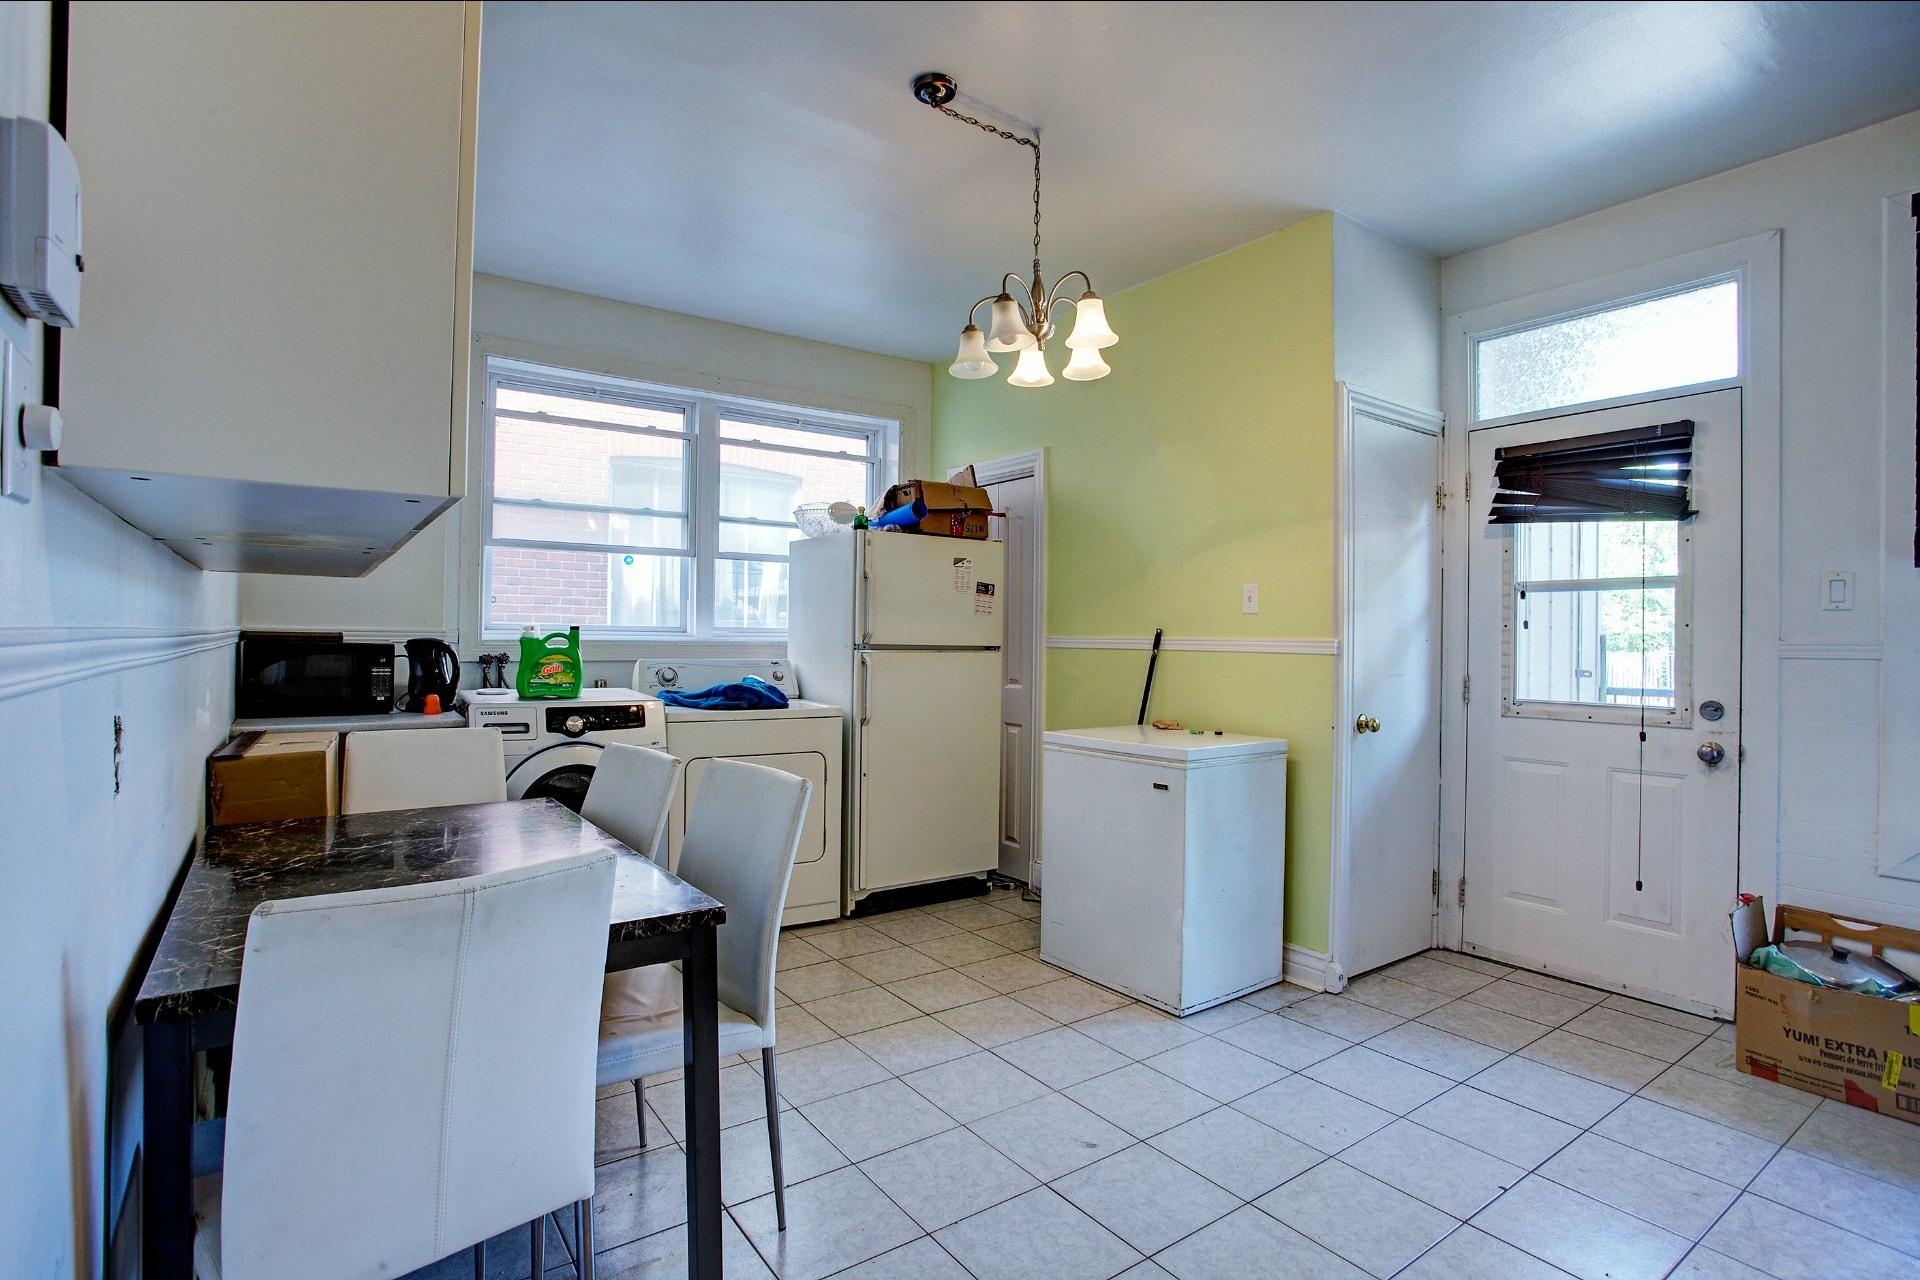 image 13 - Income property For sale Le Sud-Ouest Montréal  - 4 rooms